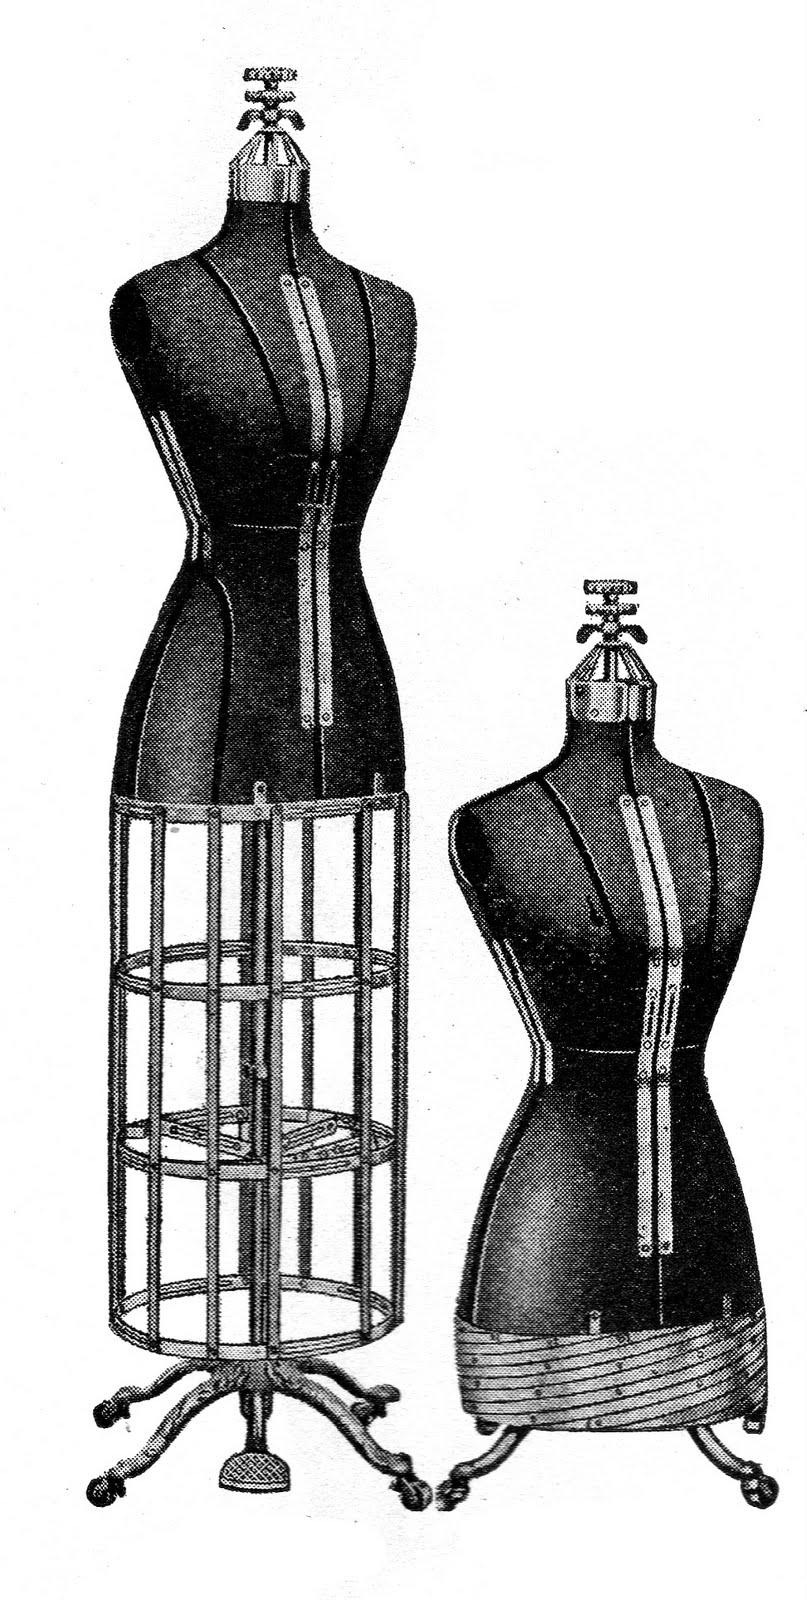 vintage dresses clipart - photo #7